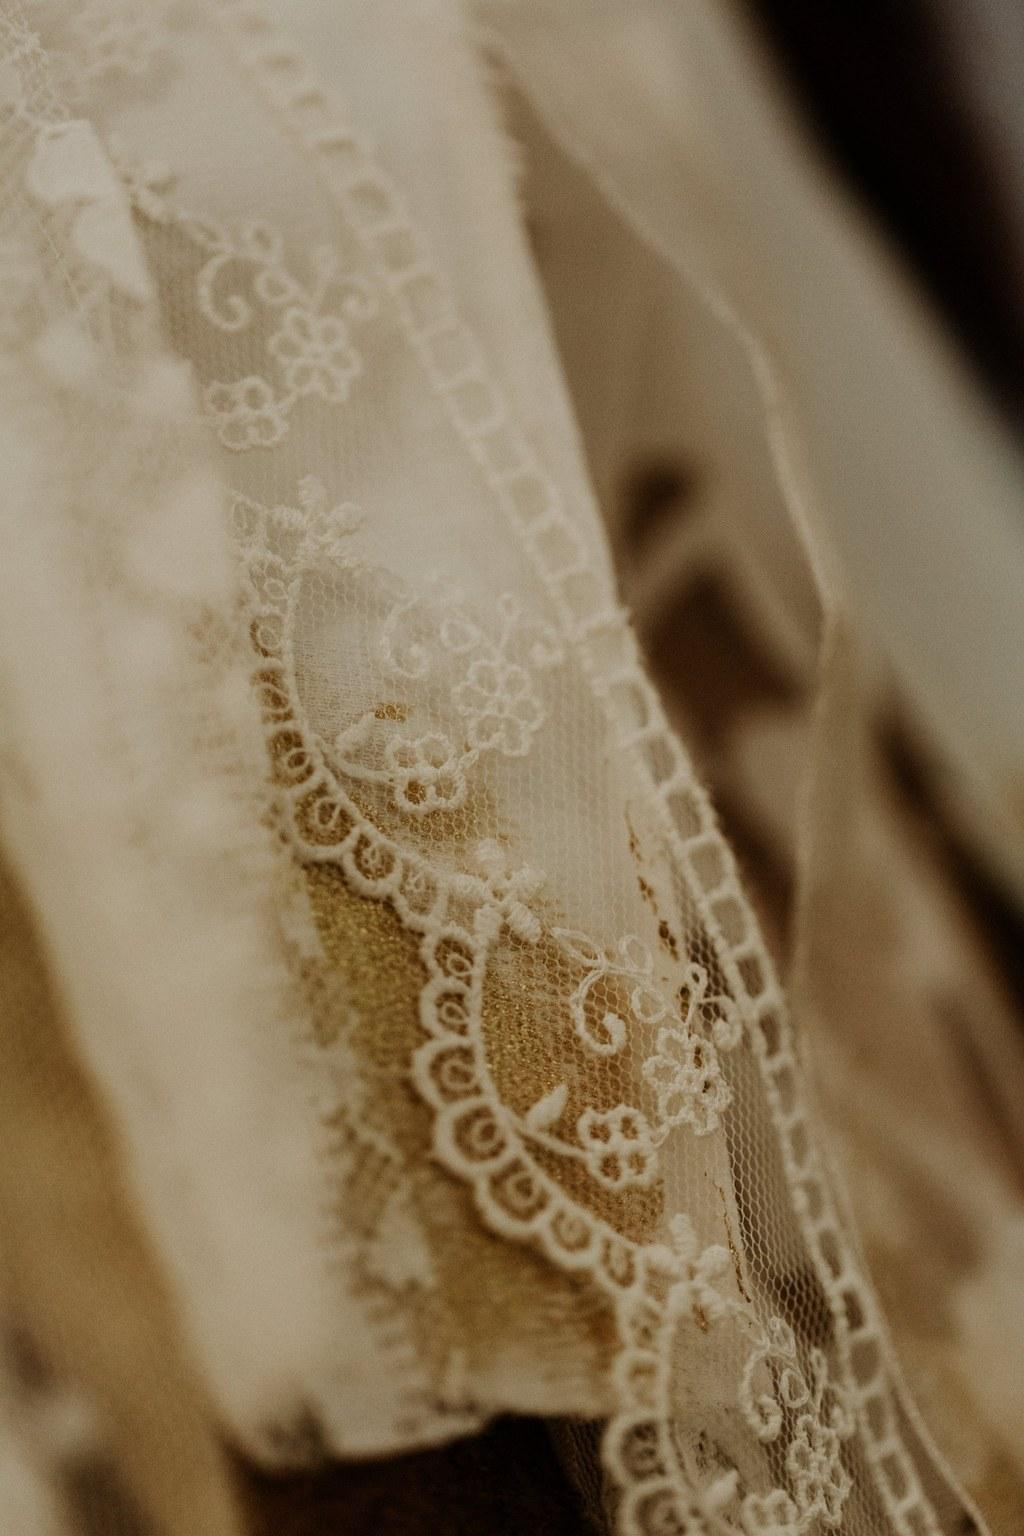 Mariage, robe de mariée, robe blanche, robe de mariée en dentelle, organisation de mariage, robe sur mesure, tenue de mariage, bouquet de mariée, futurs mariés, couturière, styliste robe de mariée, prestataires de mariage, mariage loirs-atlantique, stylisme coaching professionnels mariage nantes